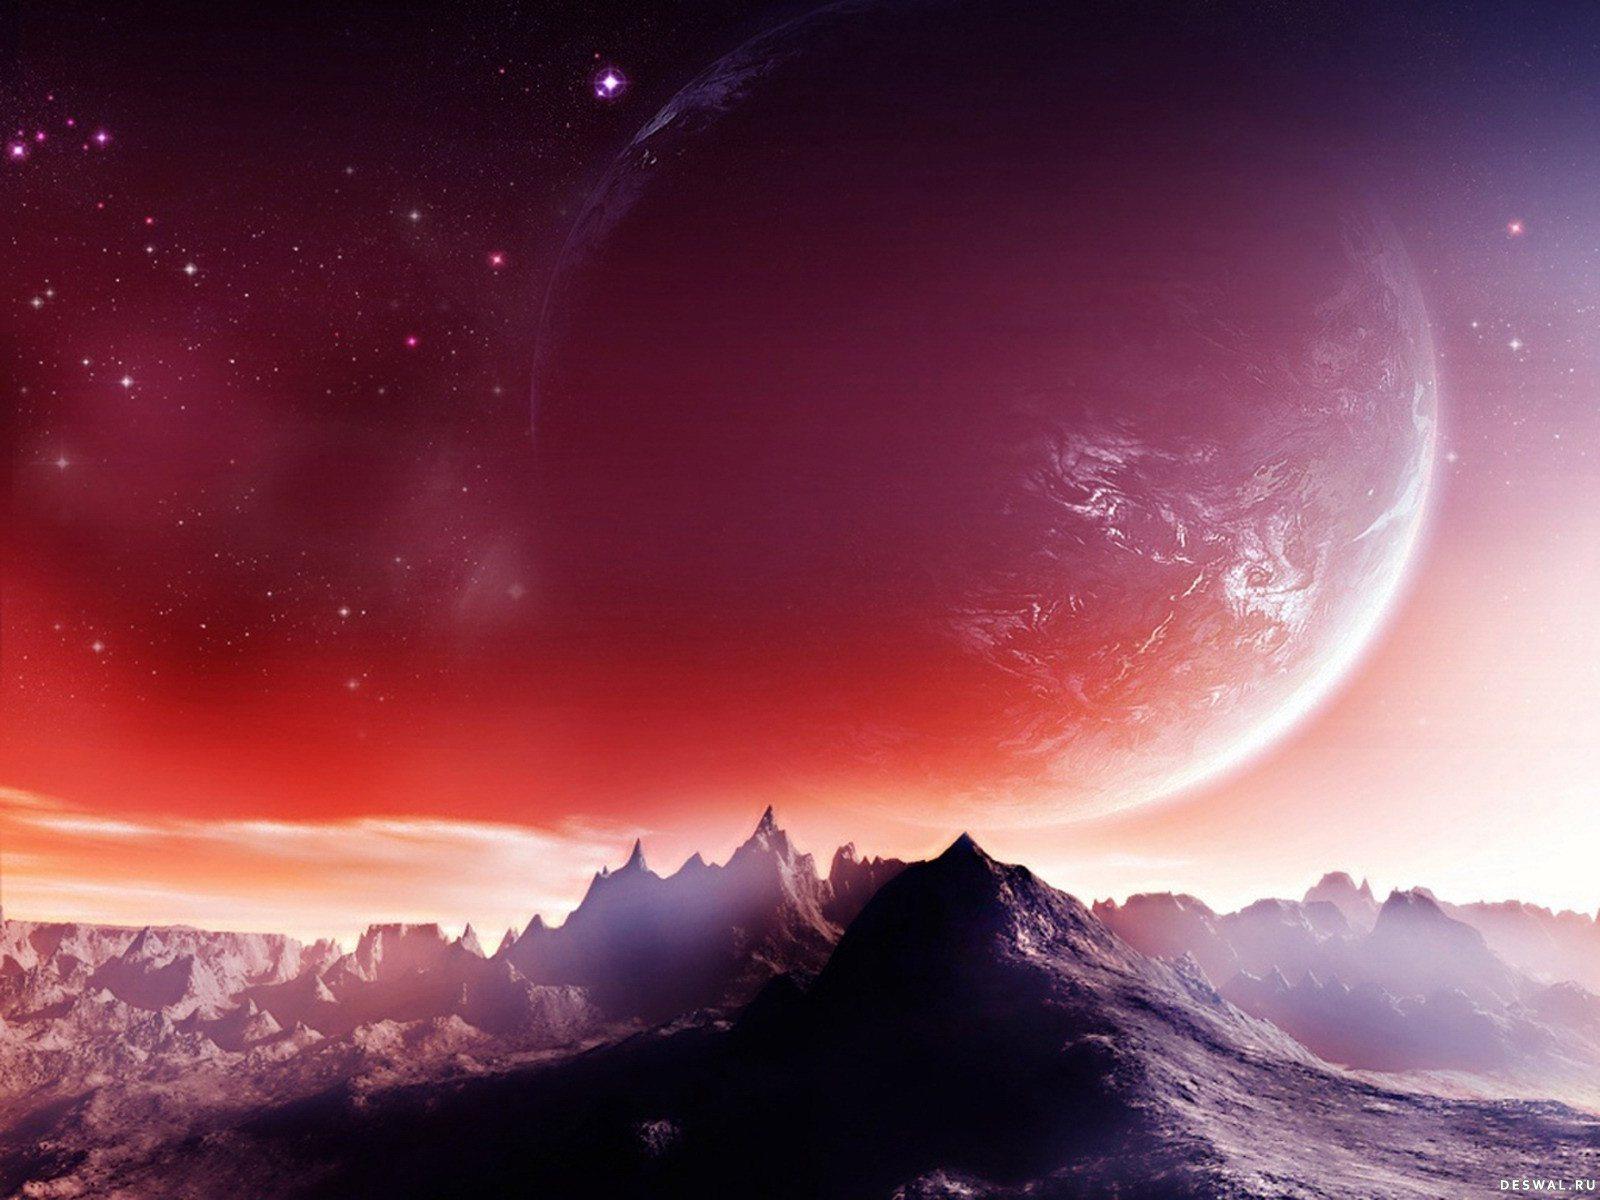 Фото 17.. Нажмите на картинку с обоями космоса, чтобы просмотреть ее в реальном размере